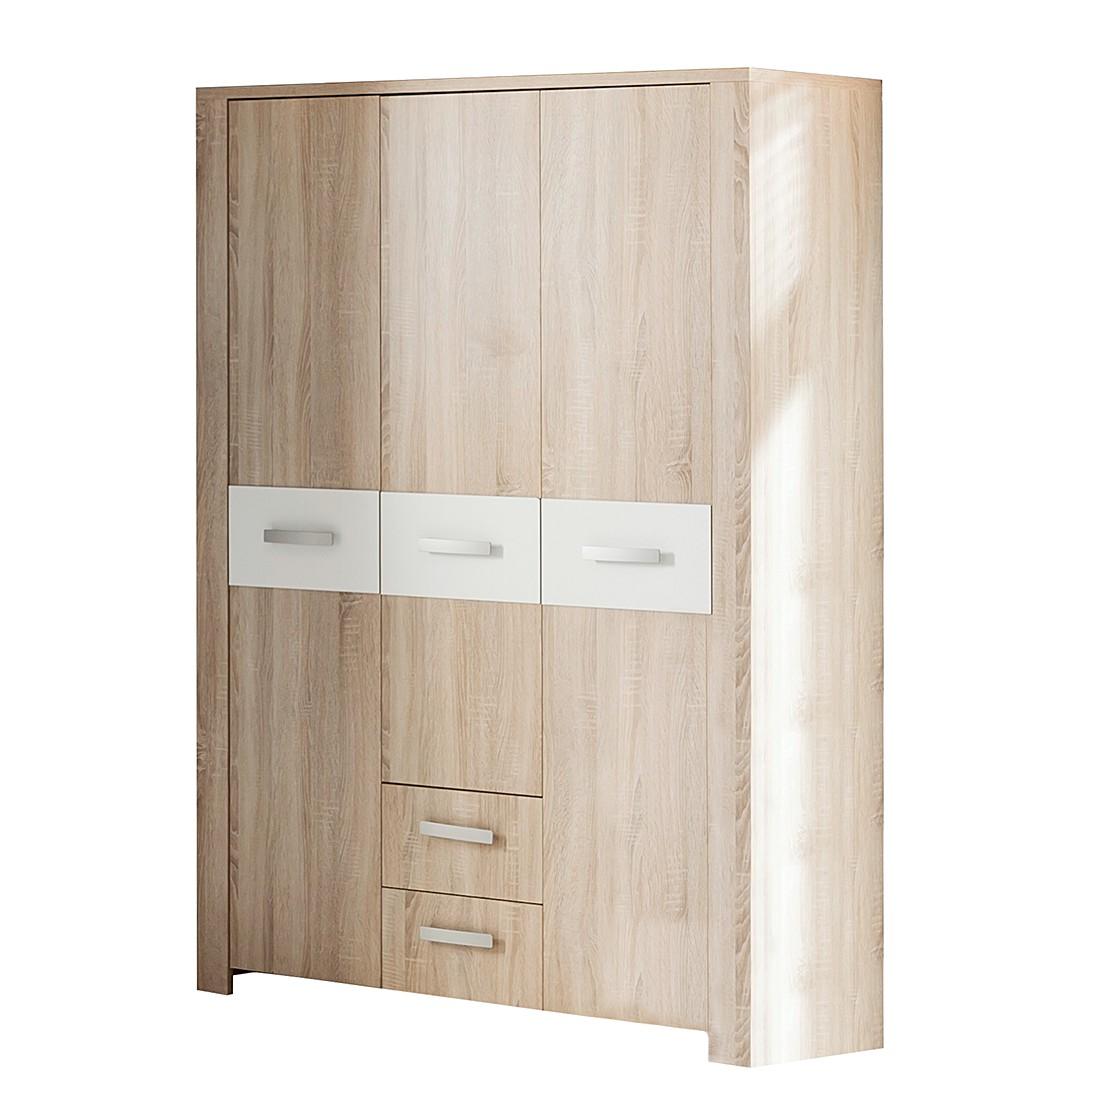 Kleiderschrank Henri - Eiche sägerau Dekor / Weiß